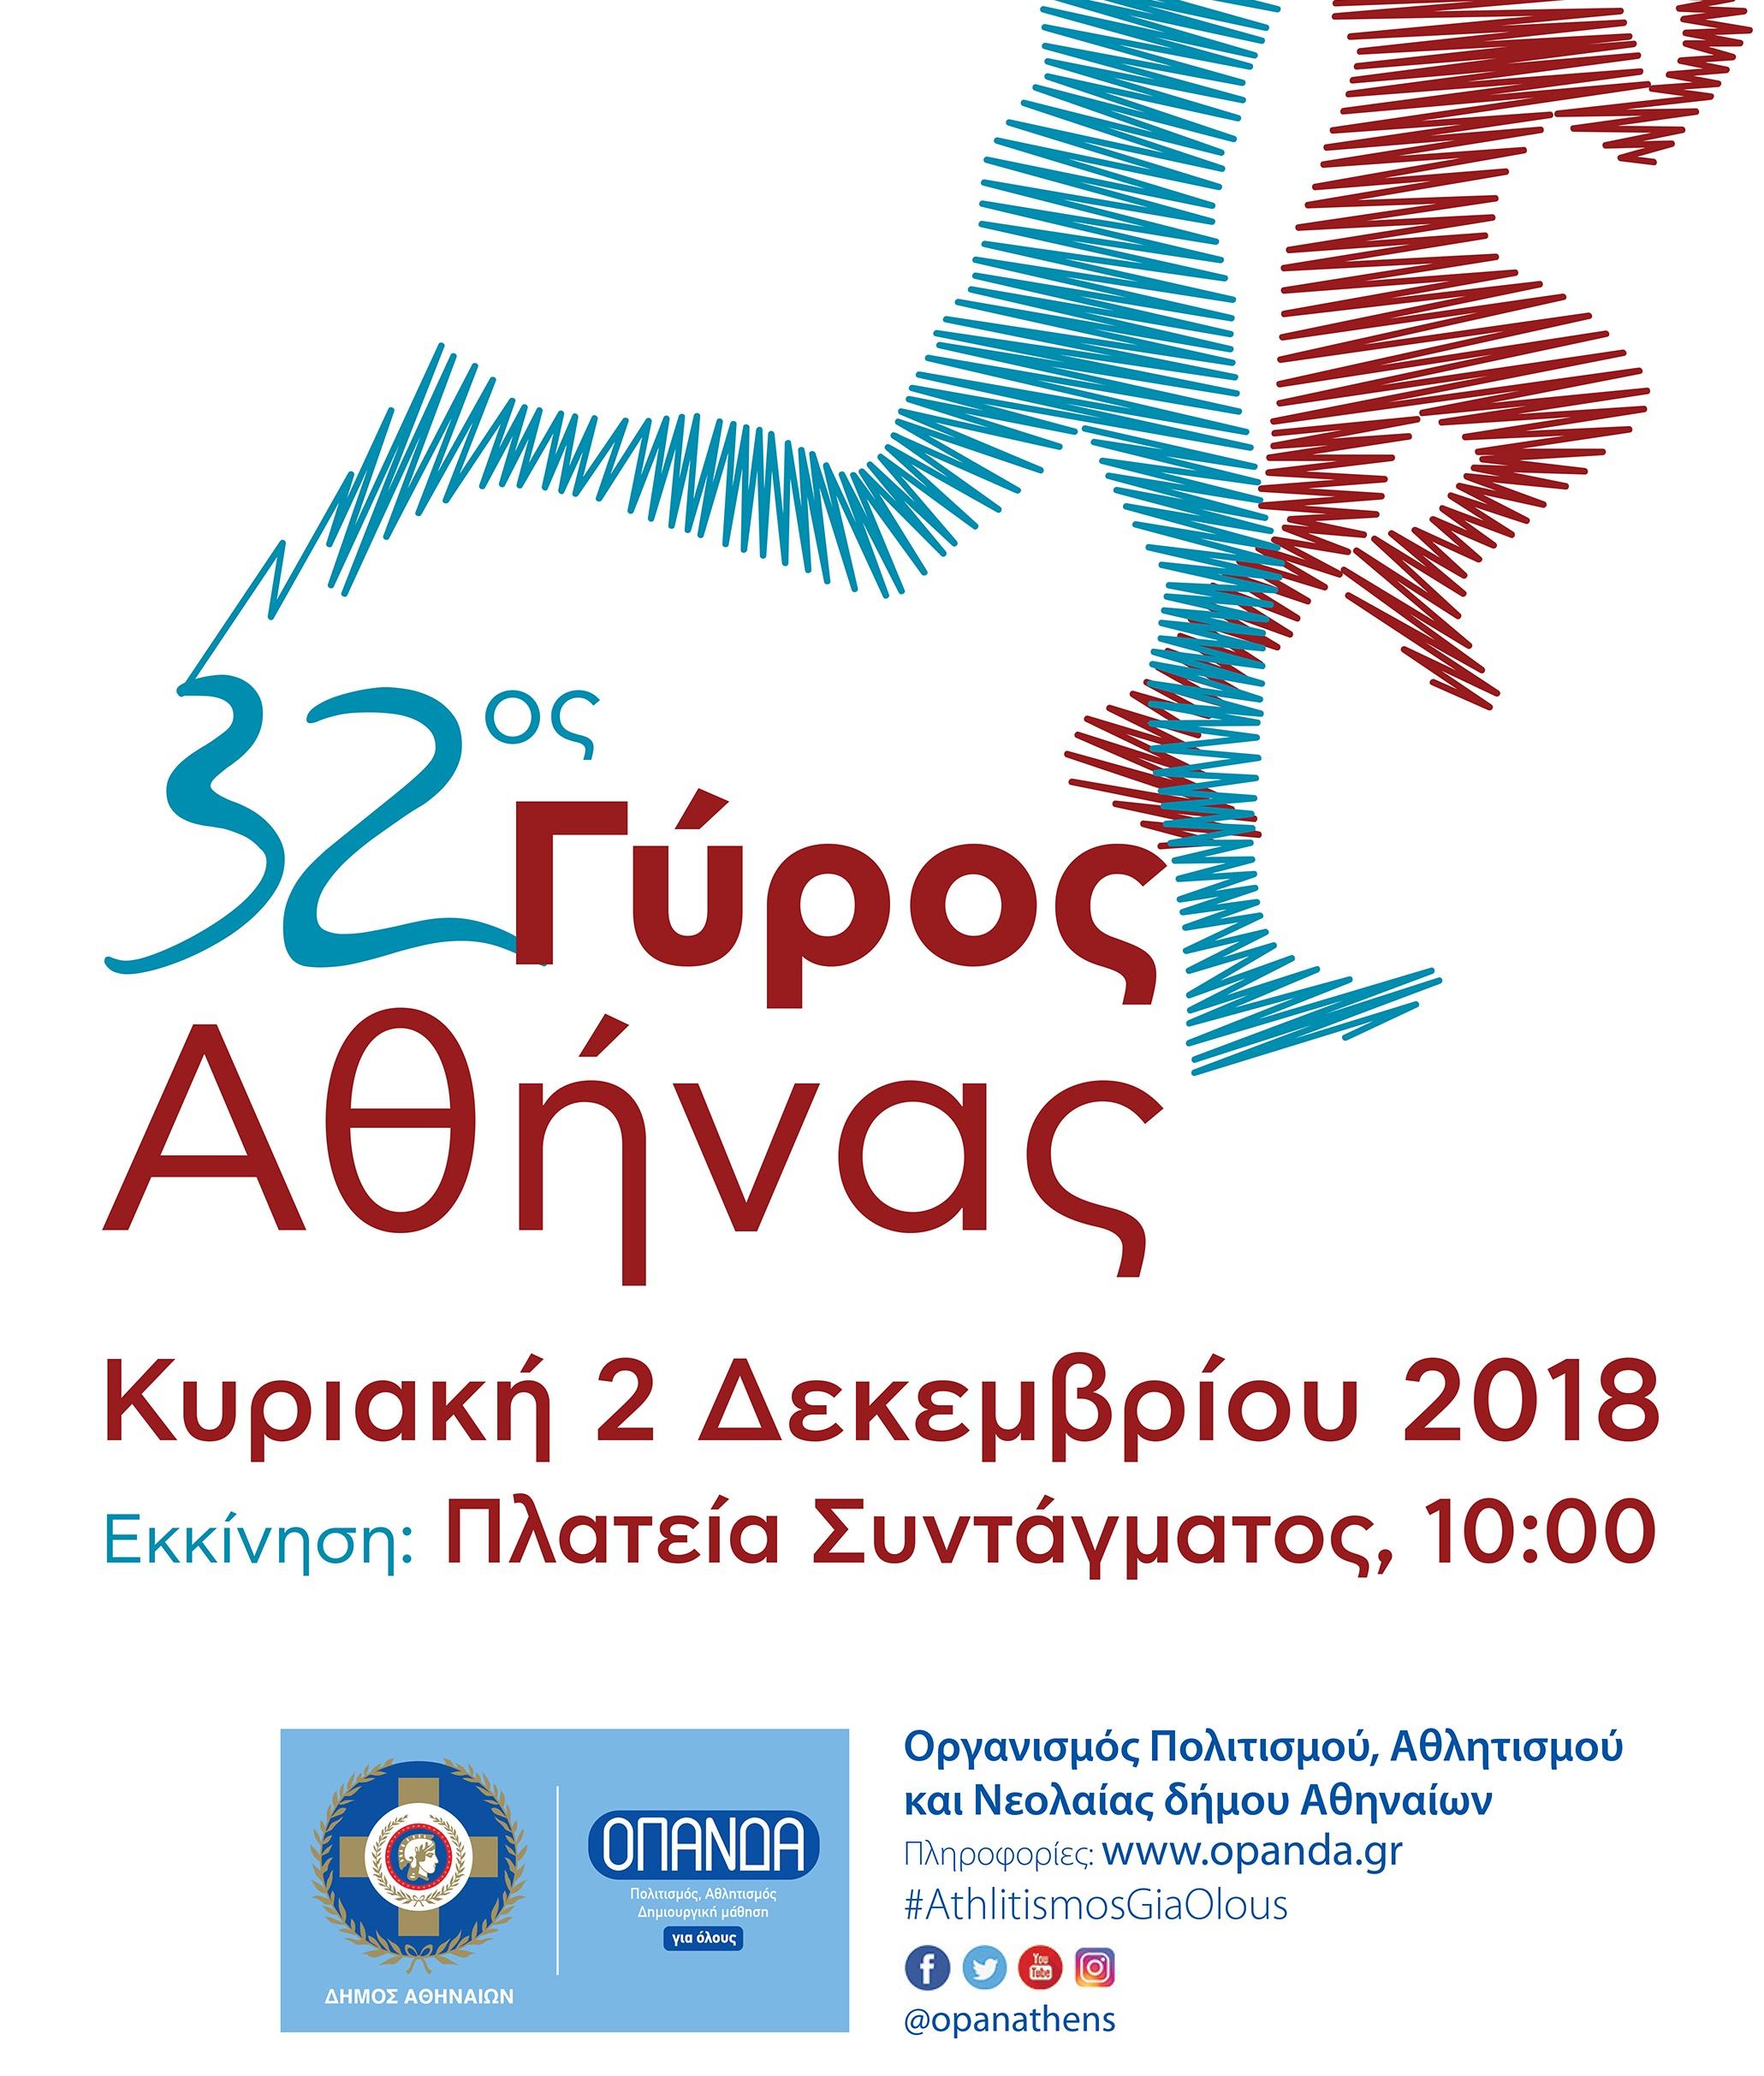 df1fbcd3510 Ανοίγουν οι εγγραφές του 32ου Γύρου της Αθήνας στις εξωτερικές ...